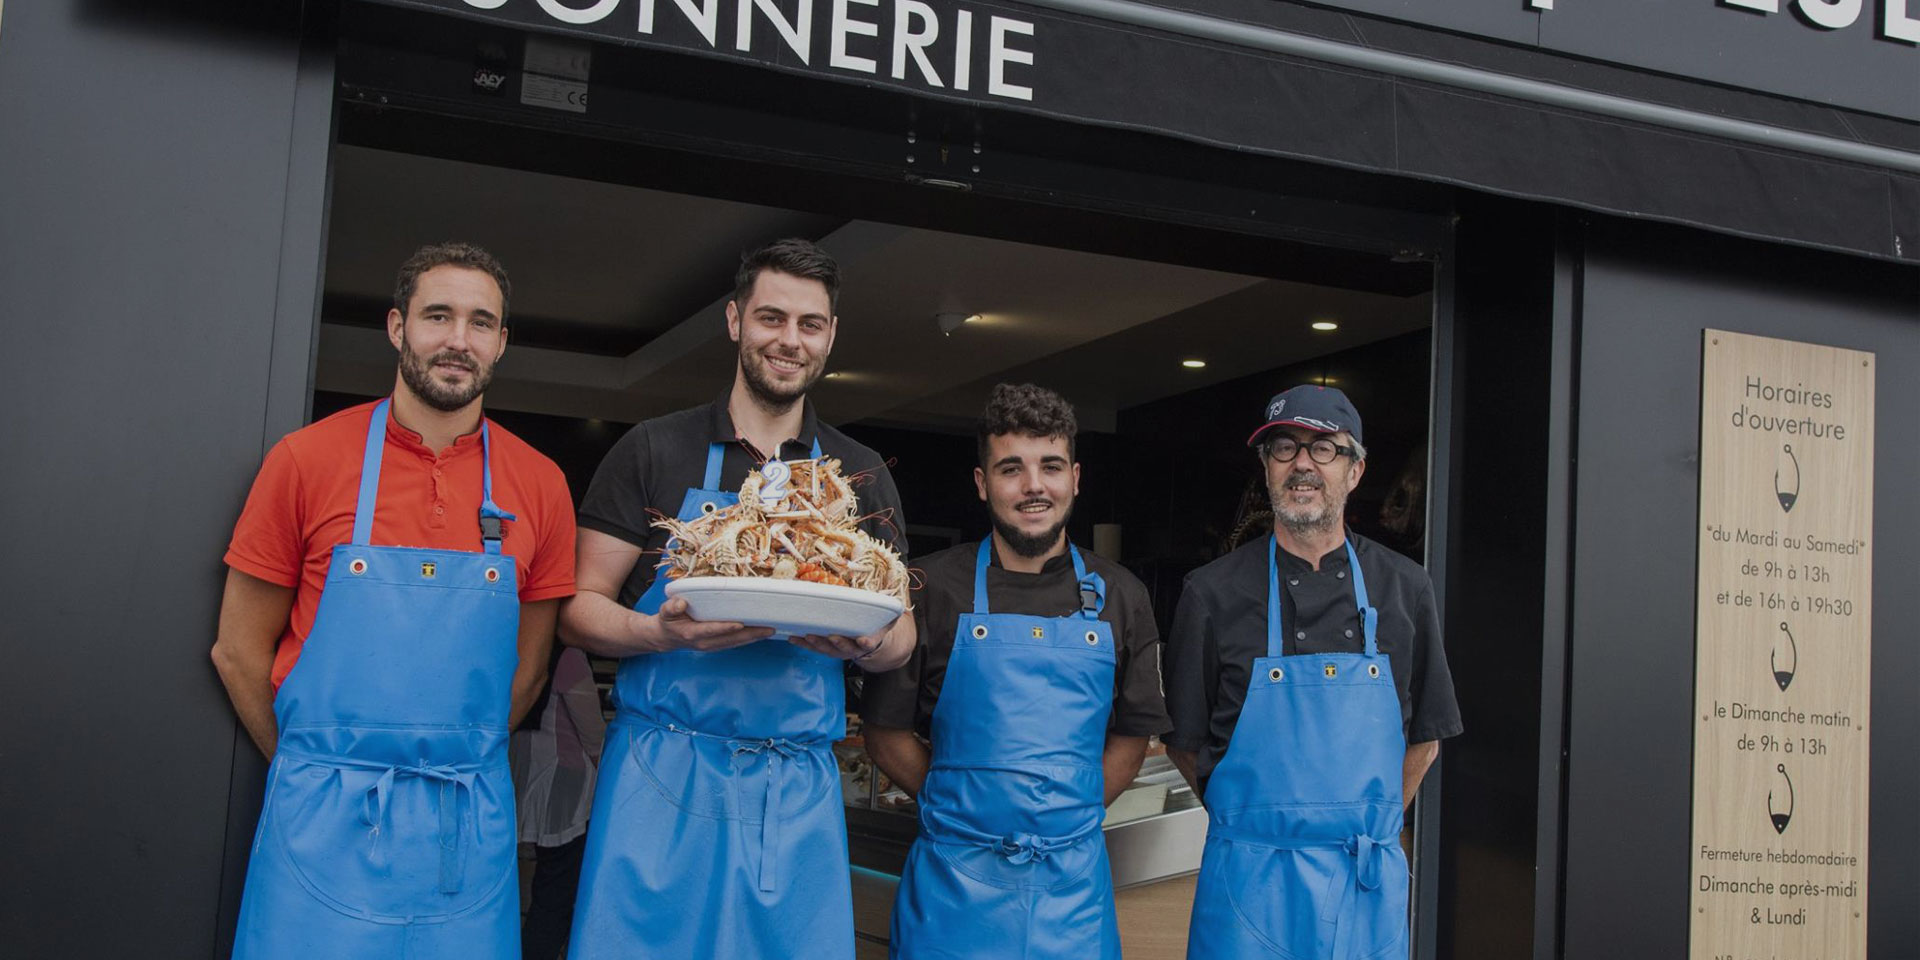 Équipe poissonnerie maison Geslain à Caen